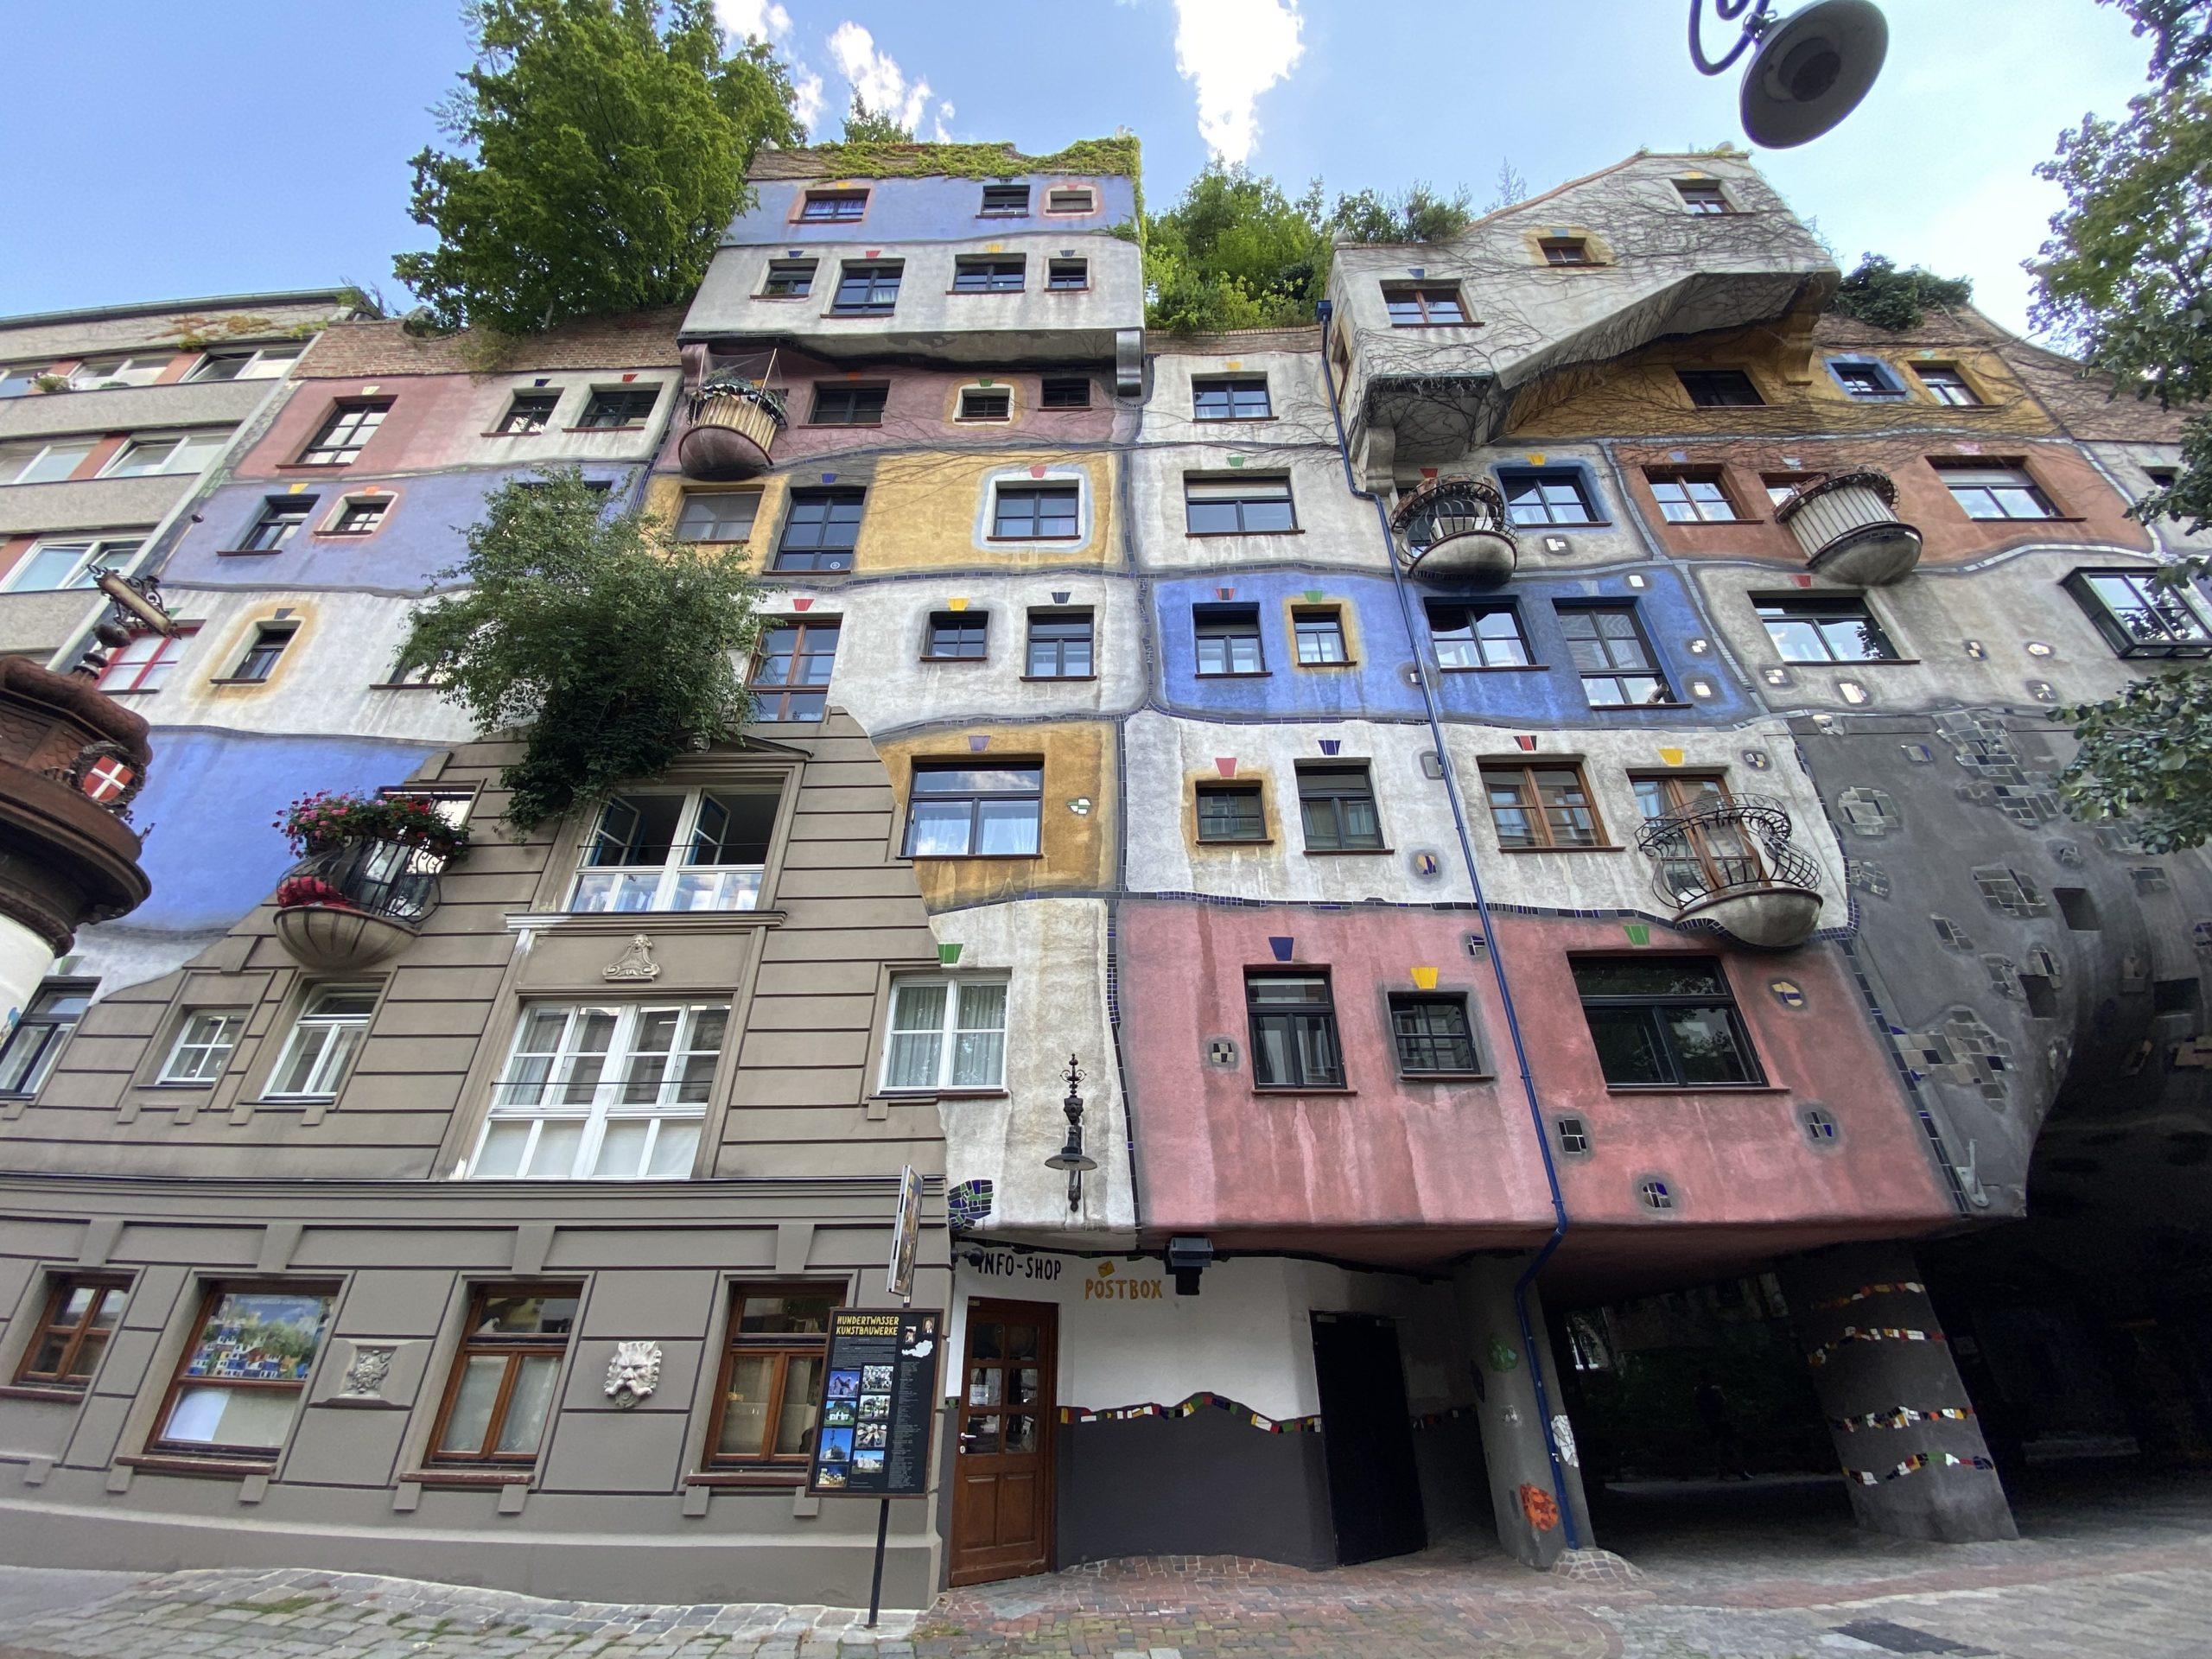 edificio-Hundertwasserhaus-Viena